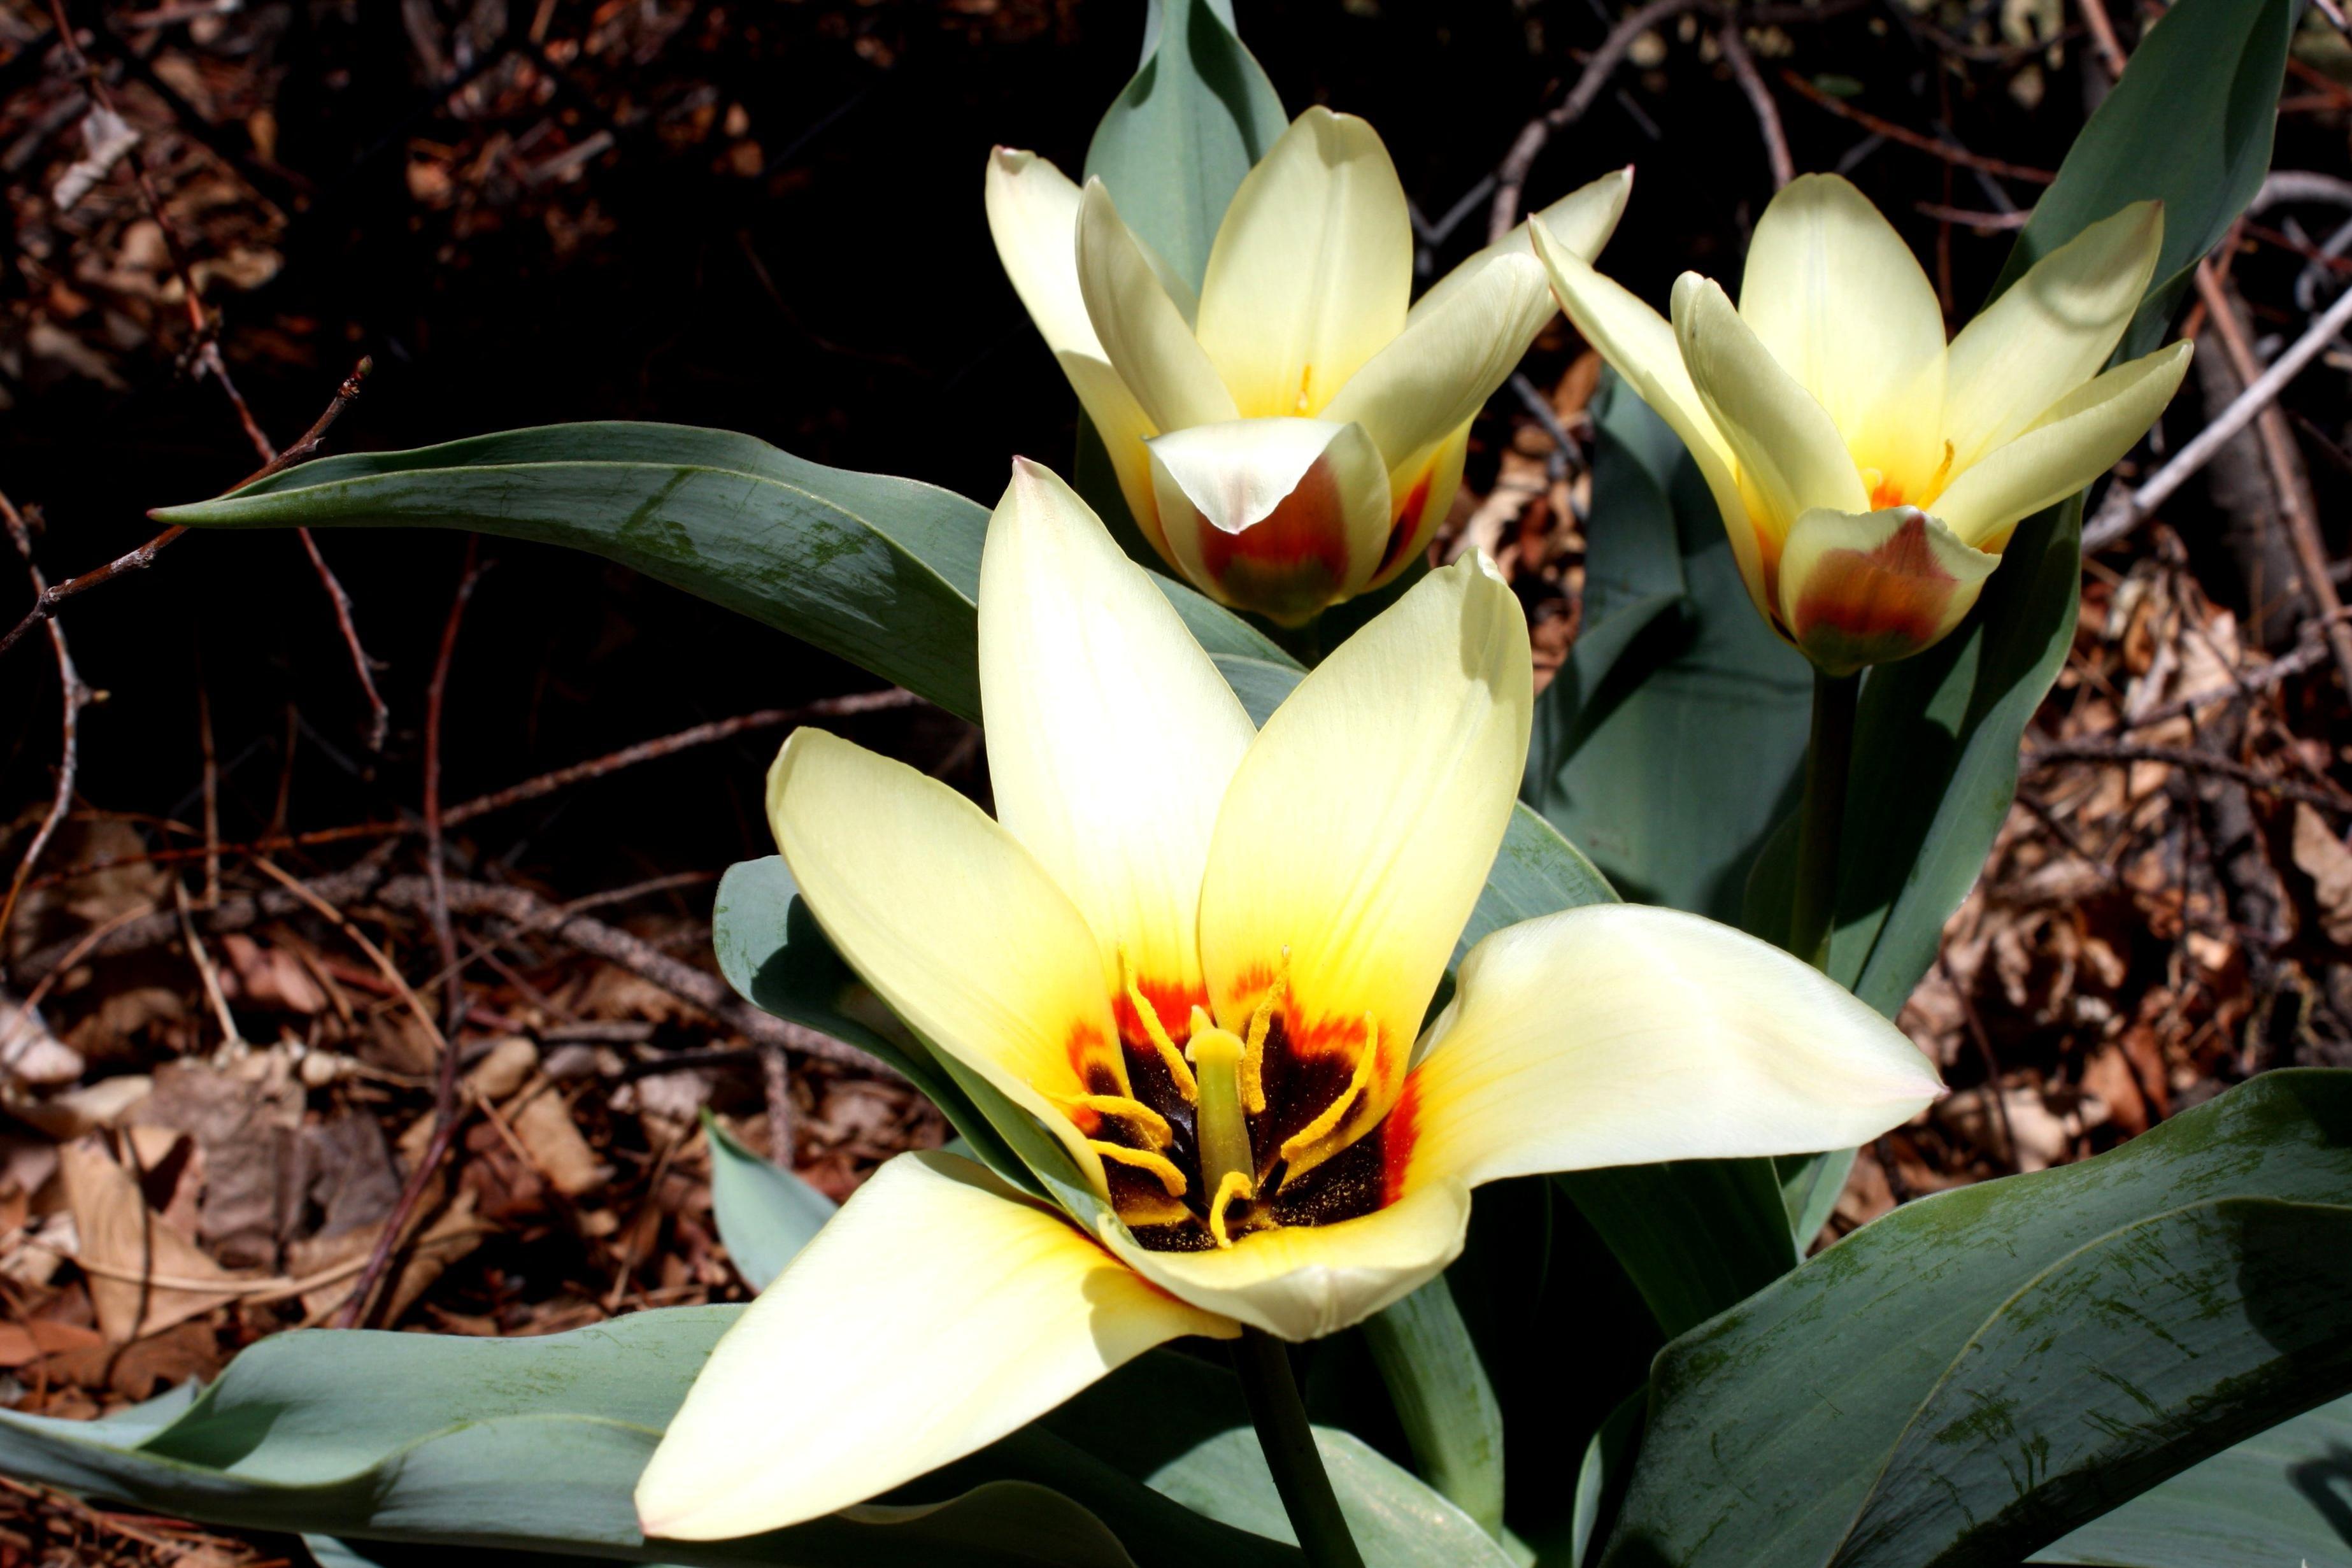 kostenlose bild kaufmanniana pflanzen tulpen blumen bl te. Black Bedroom Furniture Sets. Home Design Ideas